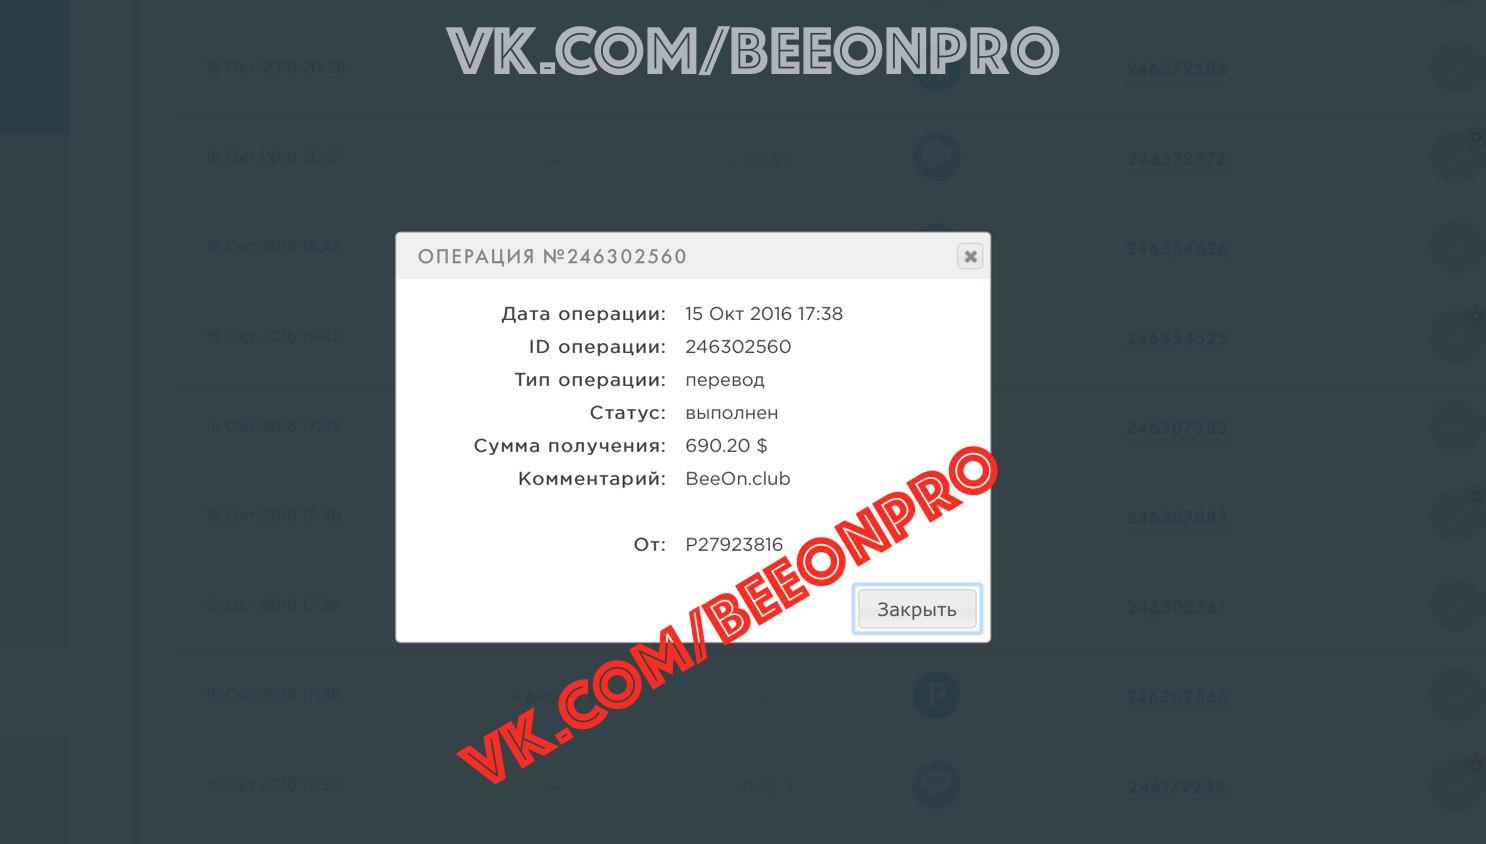 https://pp.vk.me/c638118/v638118506/98fb/YkYuLIlu3q8.jpg